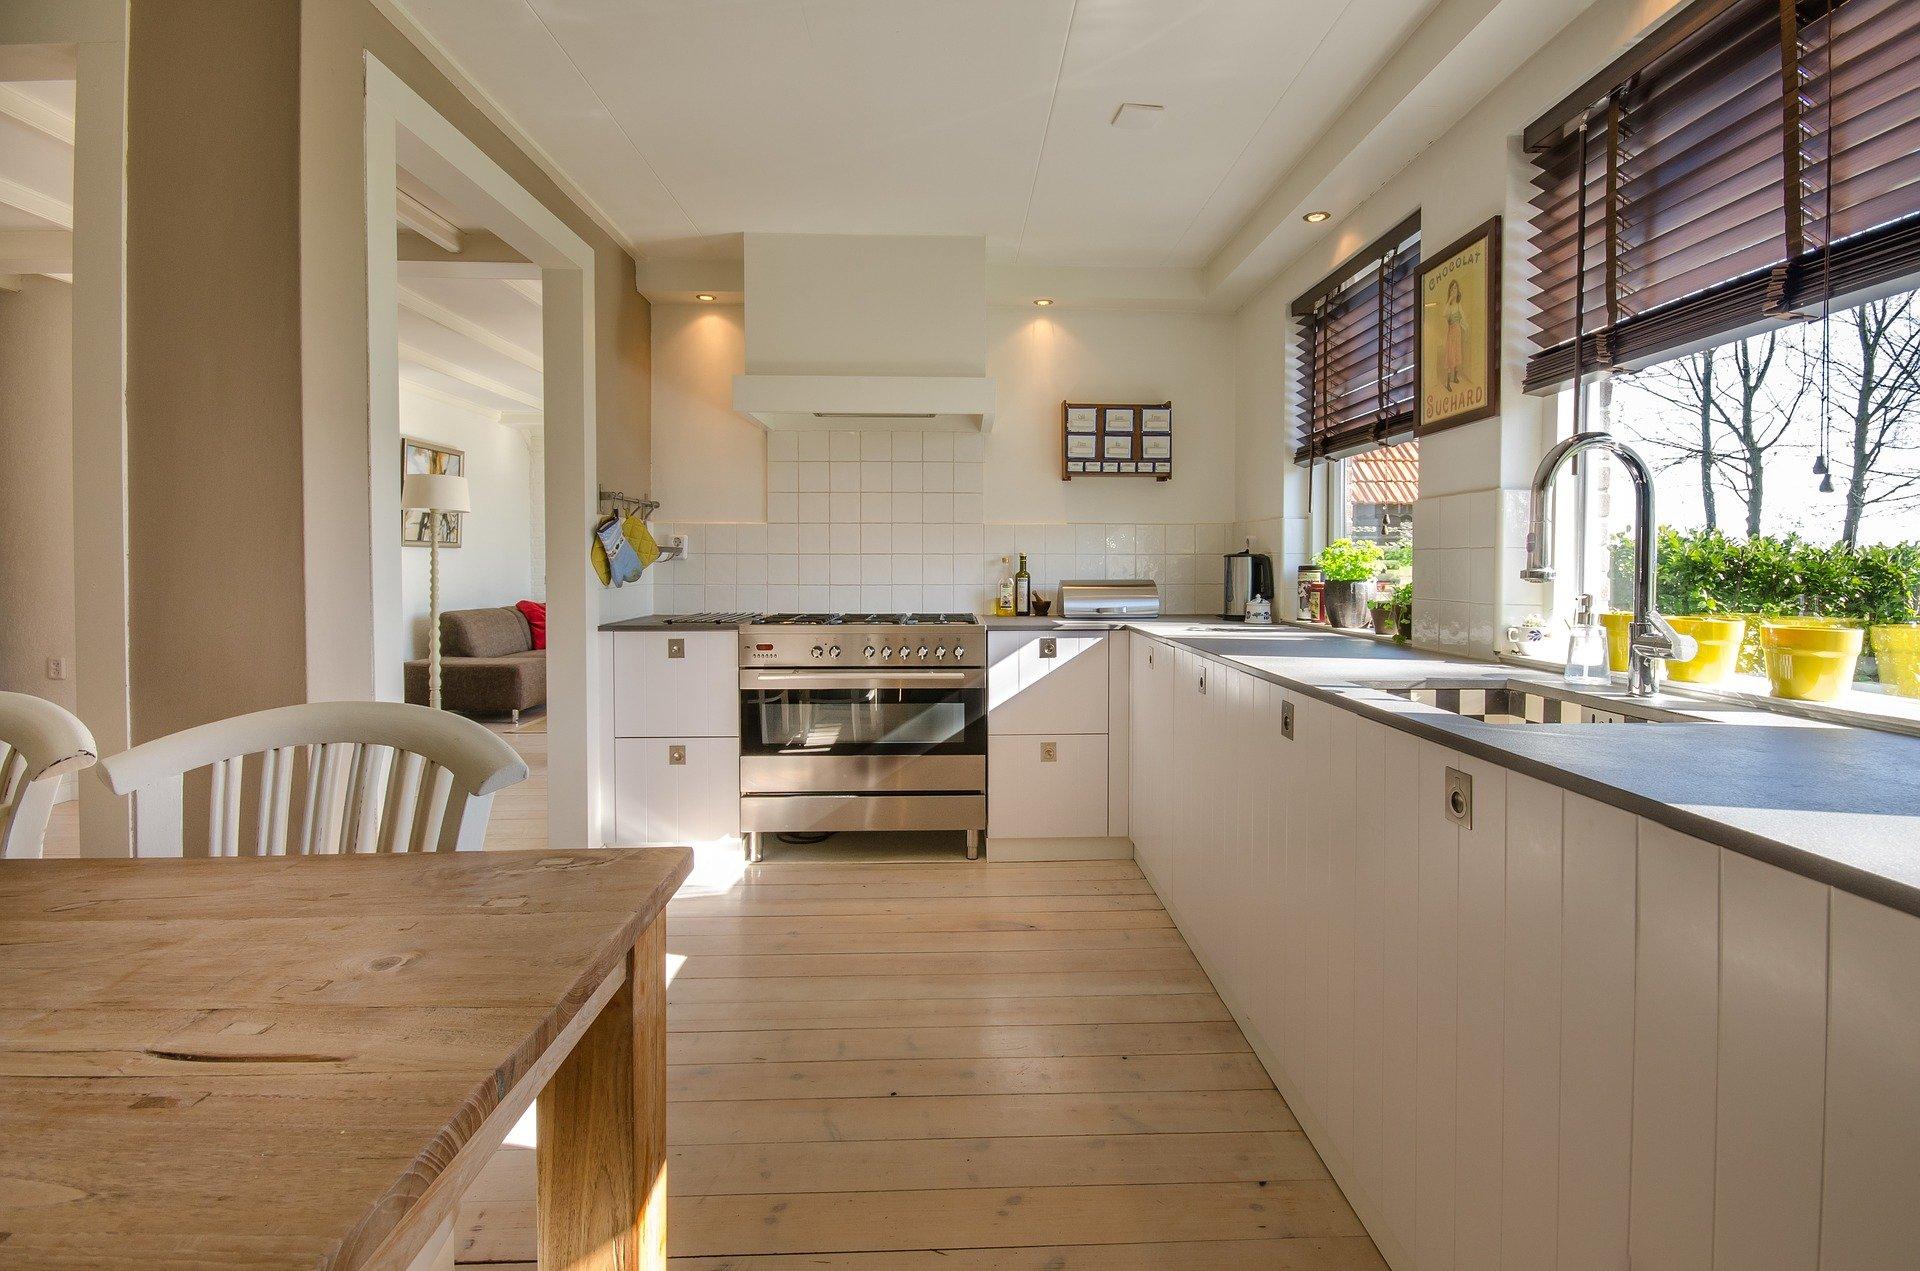 Egyszerű konyha, skandináv stílus, fehér, barna, fa